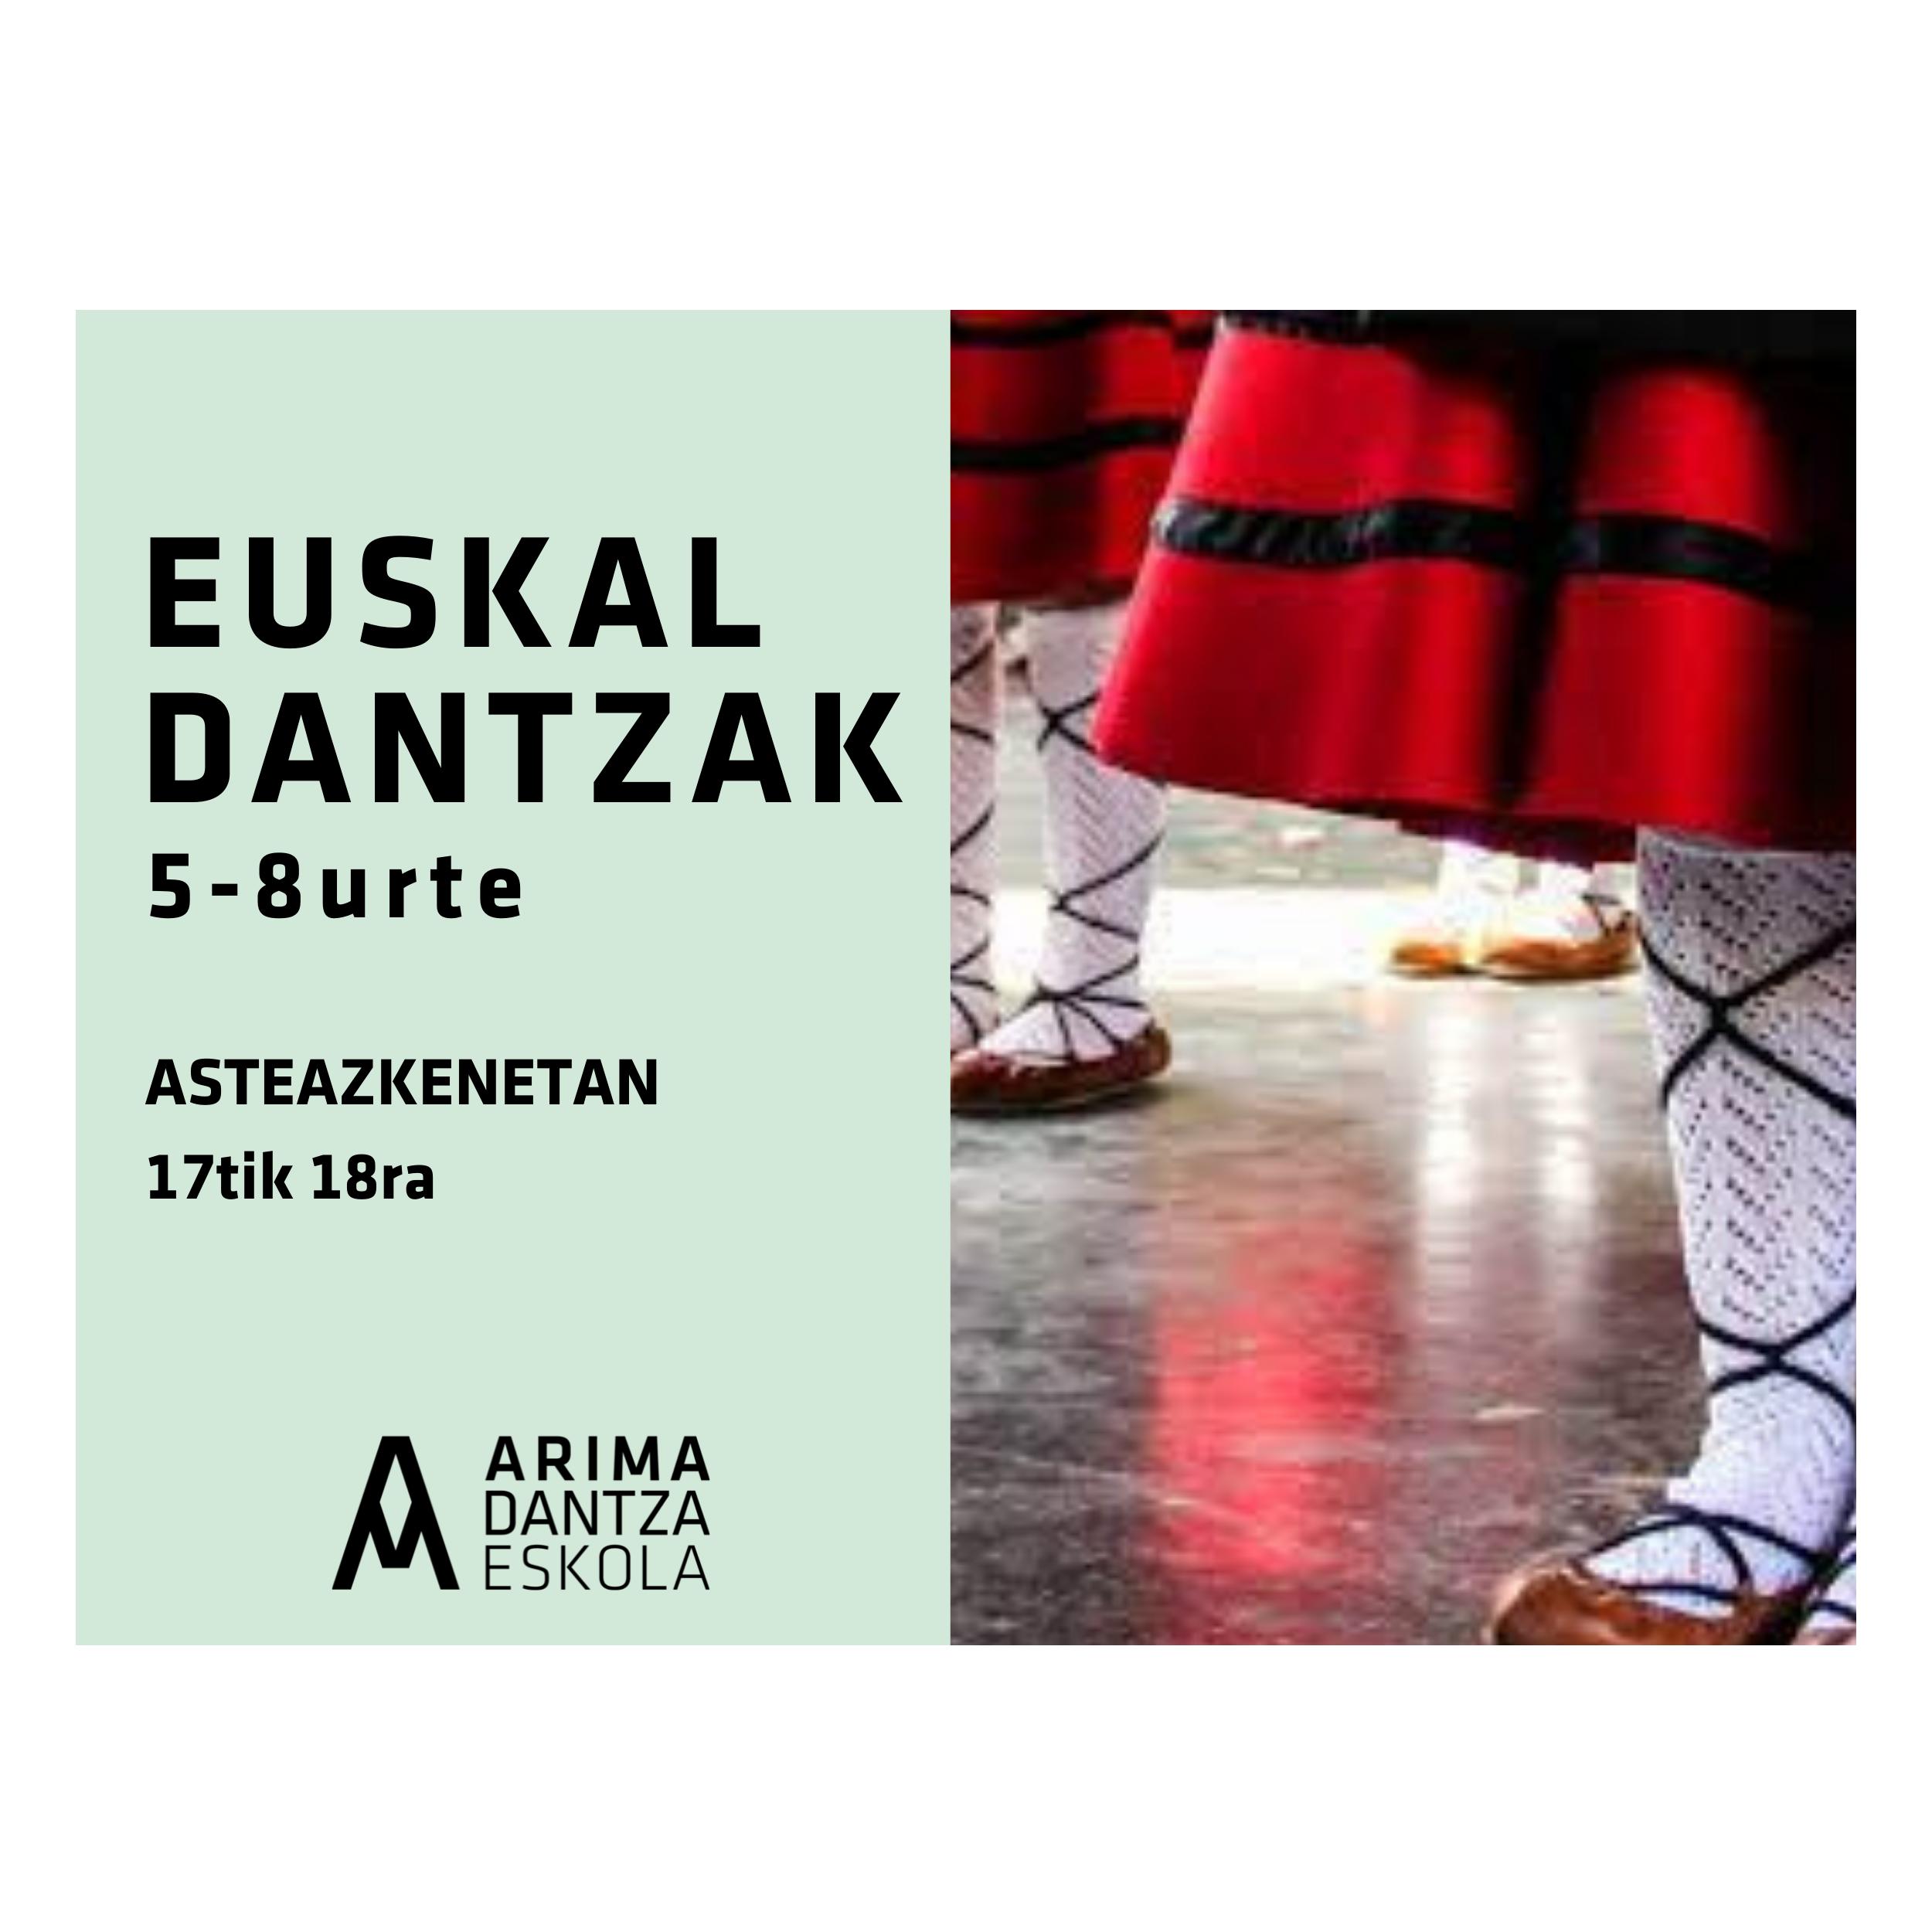 Euskal Dantzak